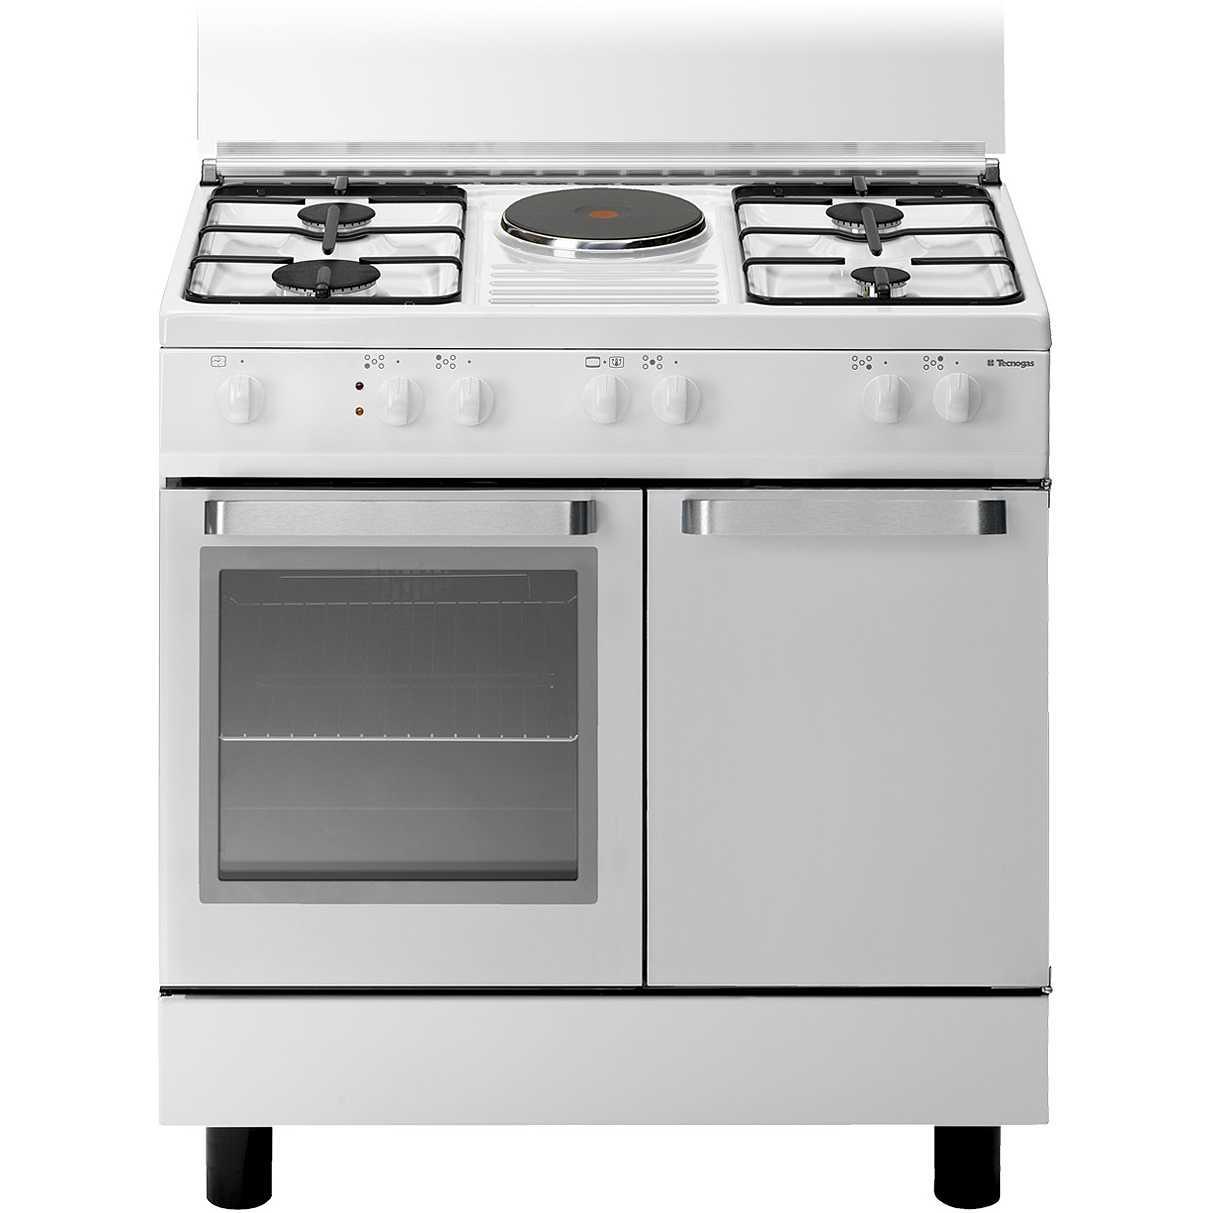 Tecnogas d881ws cucina 80x50 4 fuochi a gas 1 piastra elettrica forno elettrico 55 litri - Cucina con piastra elettrica ...